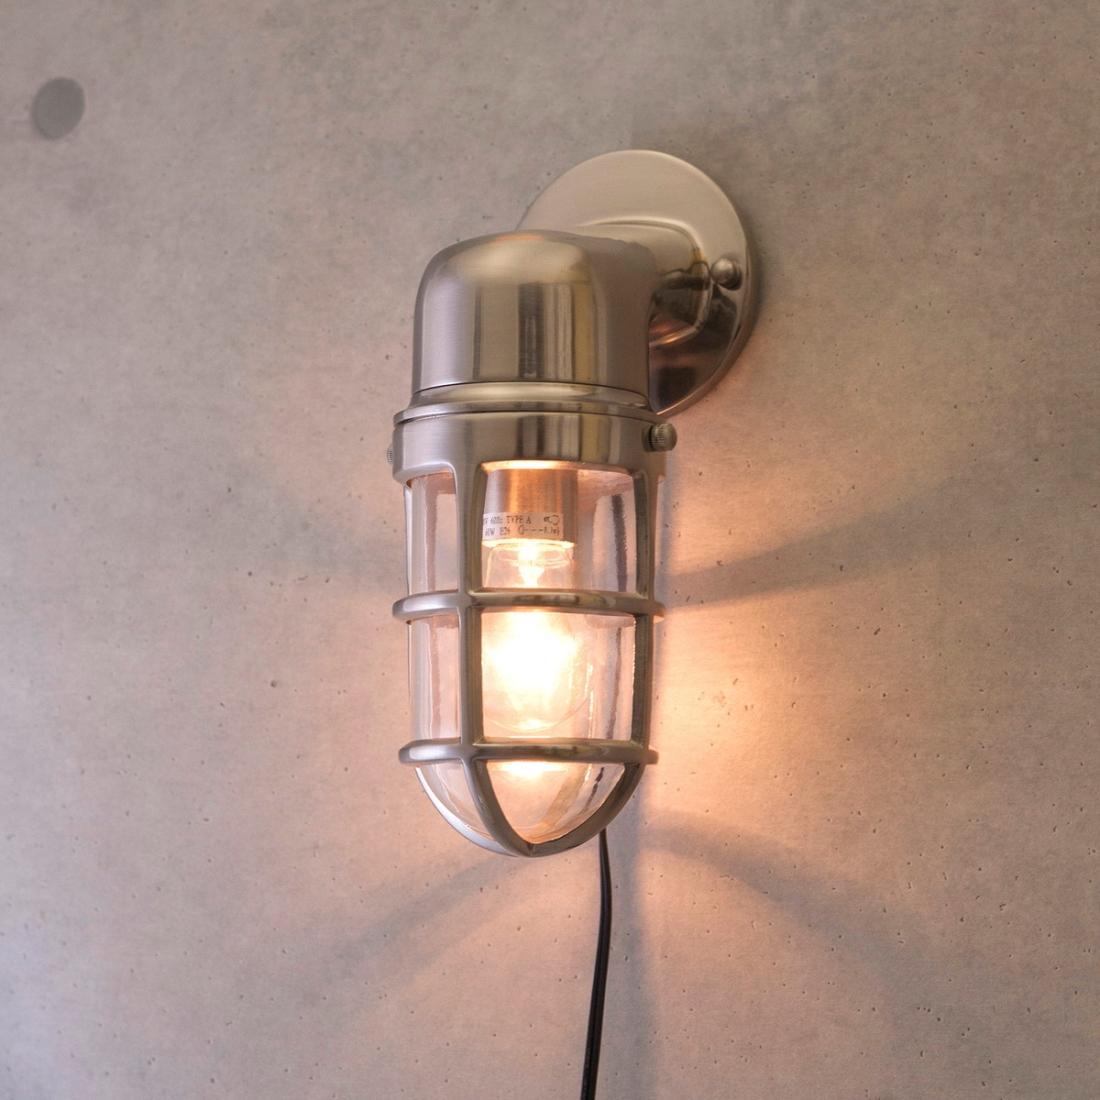 部屋 おしゃれ レトロ 家具 【壁照明】ヴィンテージウォールランプ[サブマリン ブラケット(ブラッシュNK)]LED対応<E26/梨型>